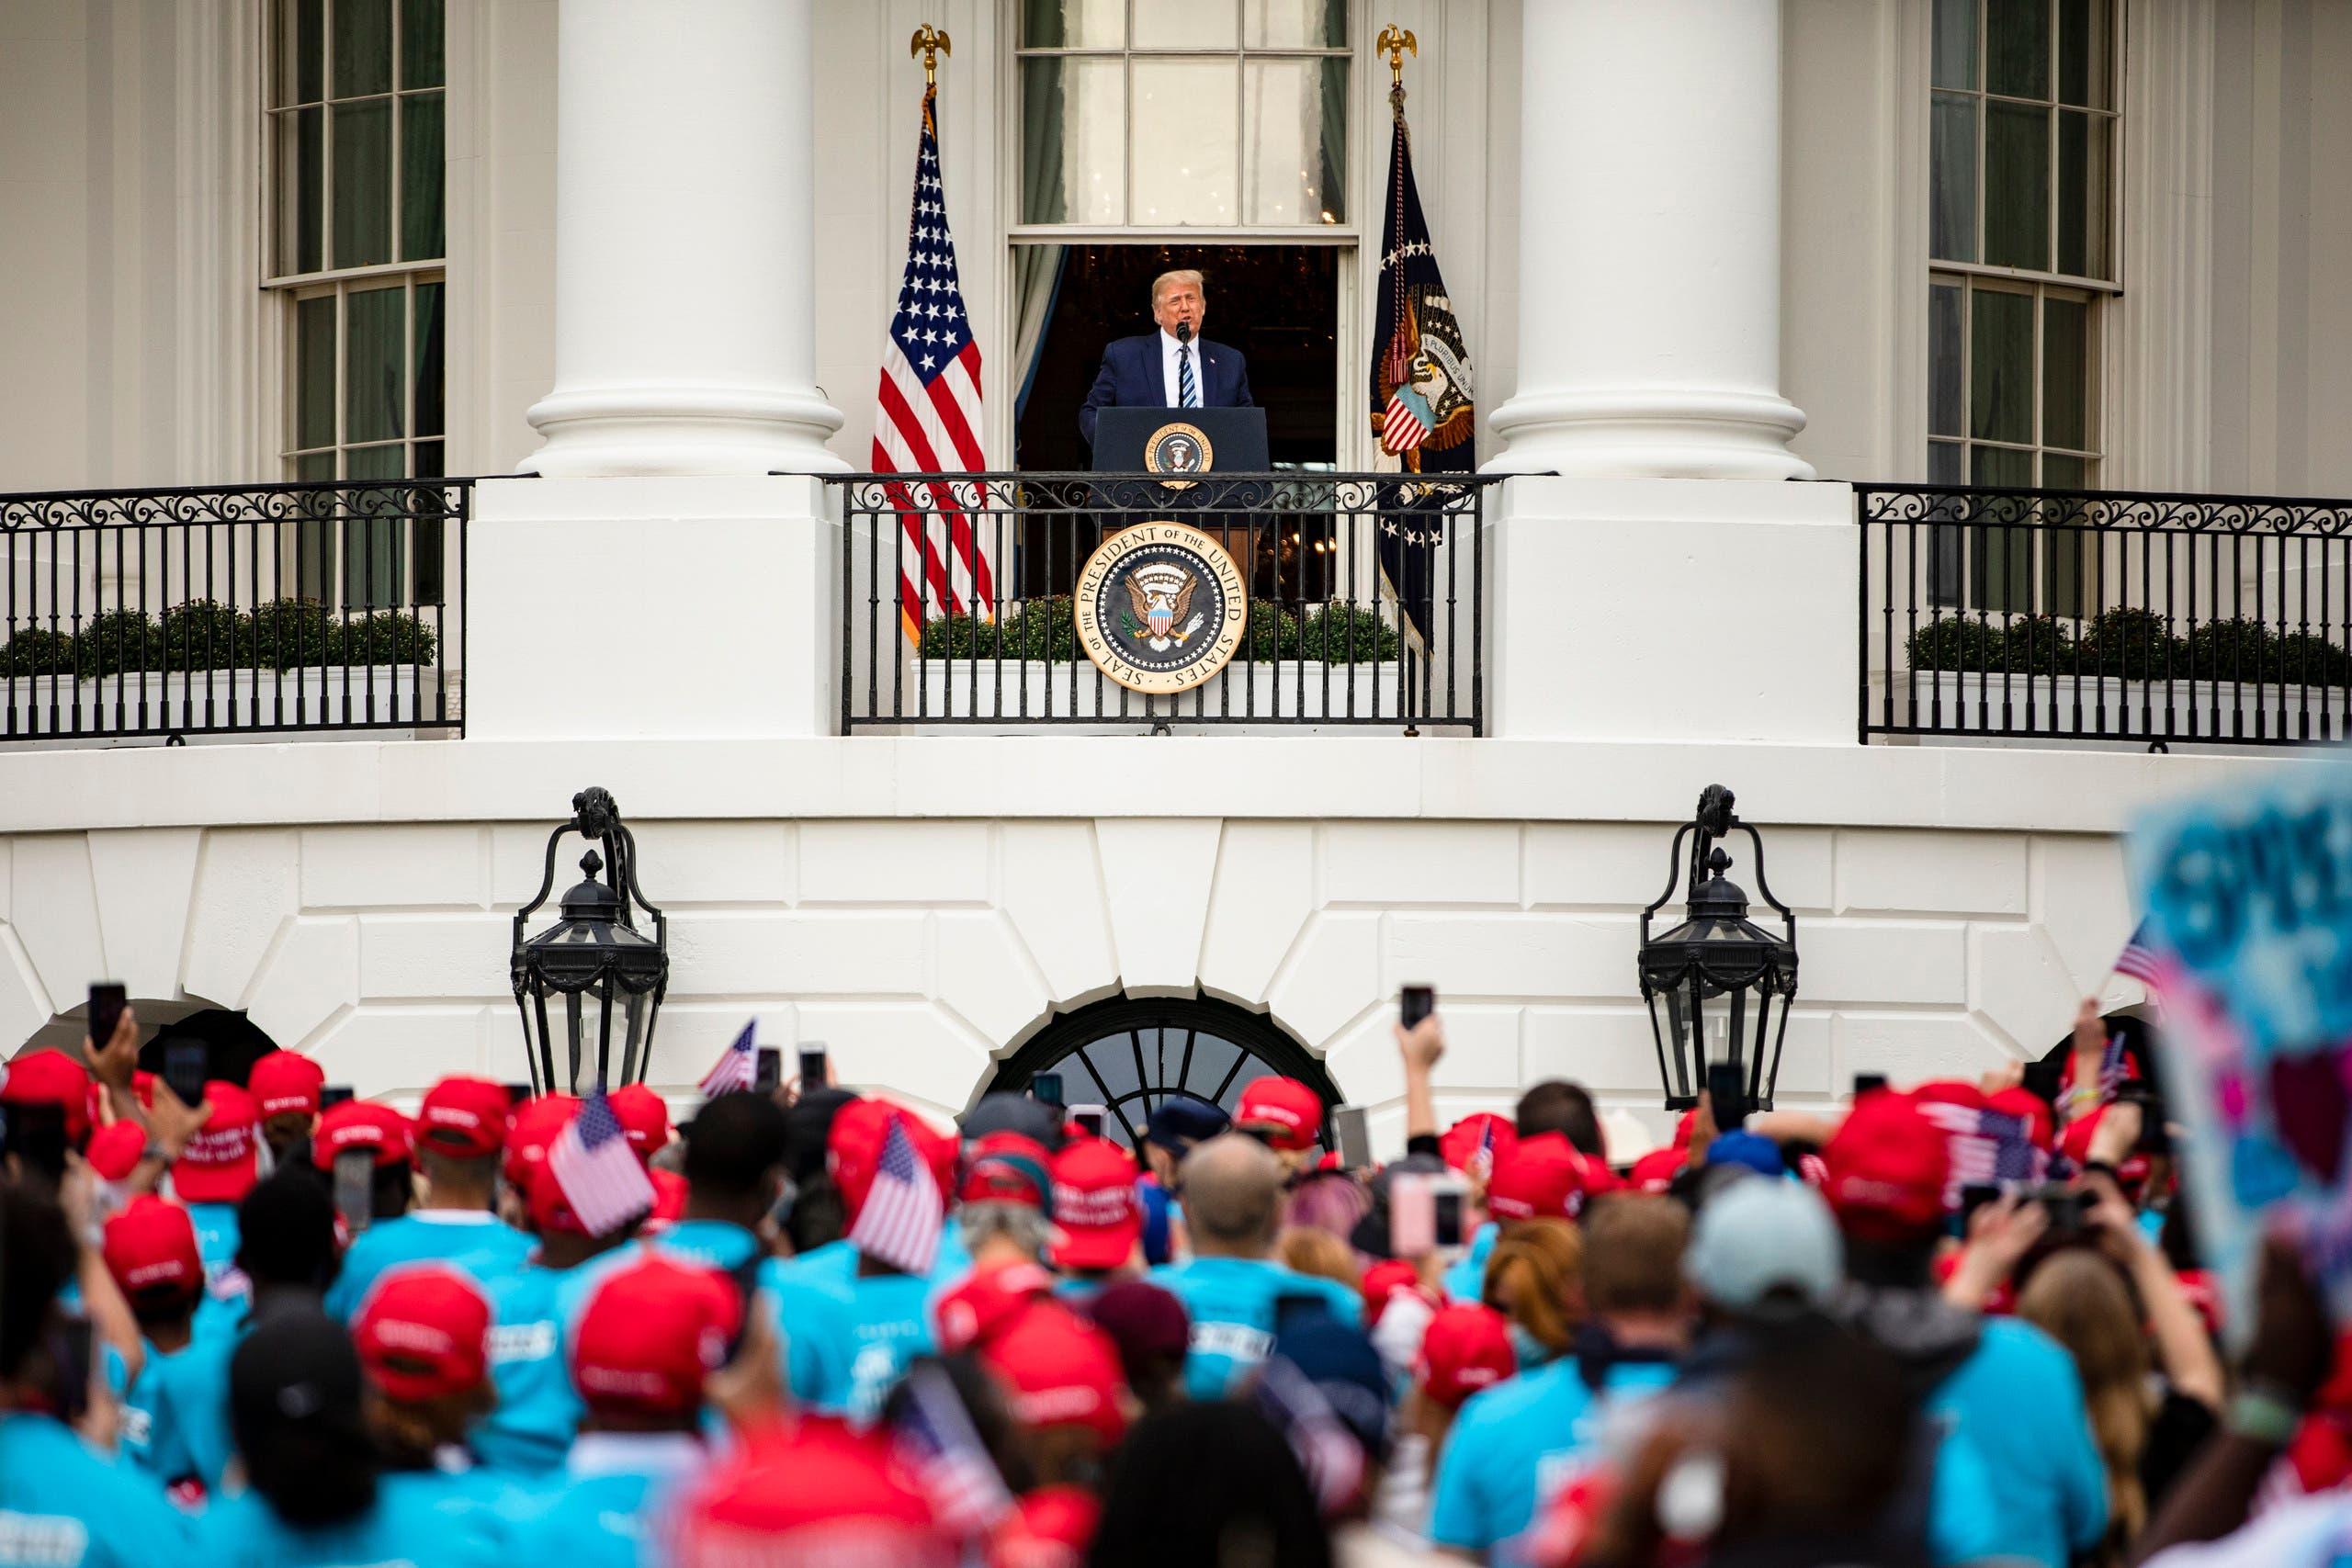 الرئيس الأميركي في أول ظهور علني له في البيت الأبيض(فرانس برس)